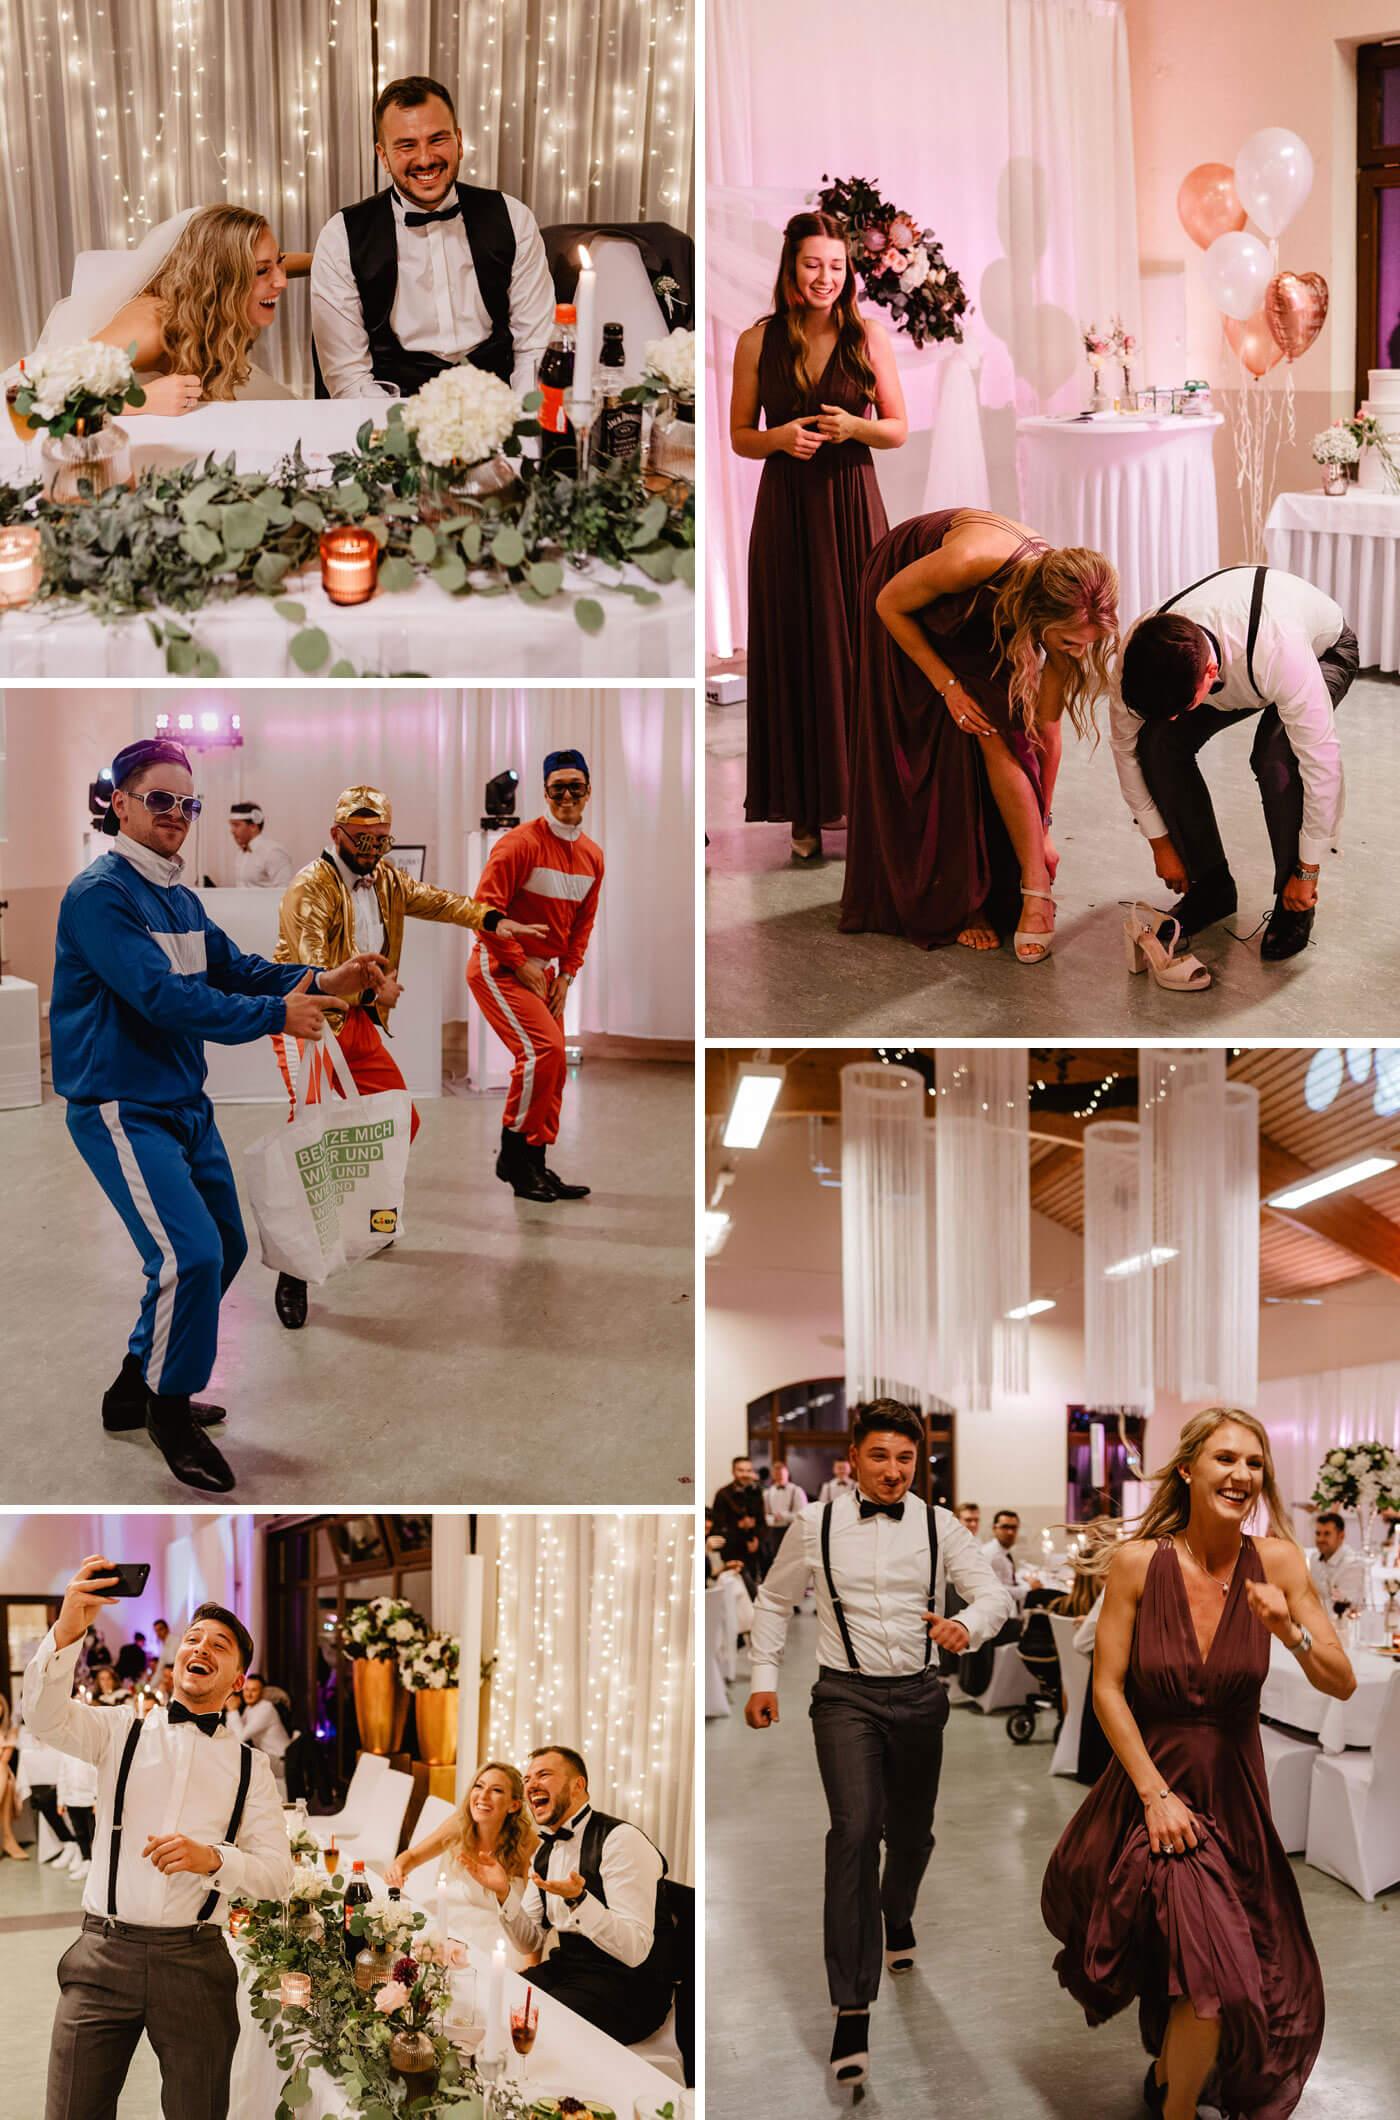 Hochzeitssaal Unterhaltung